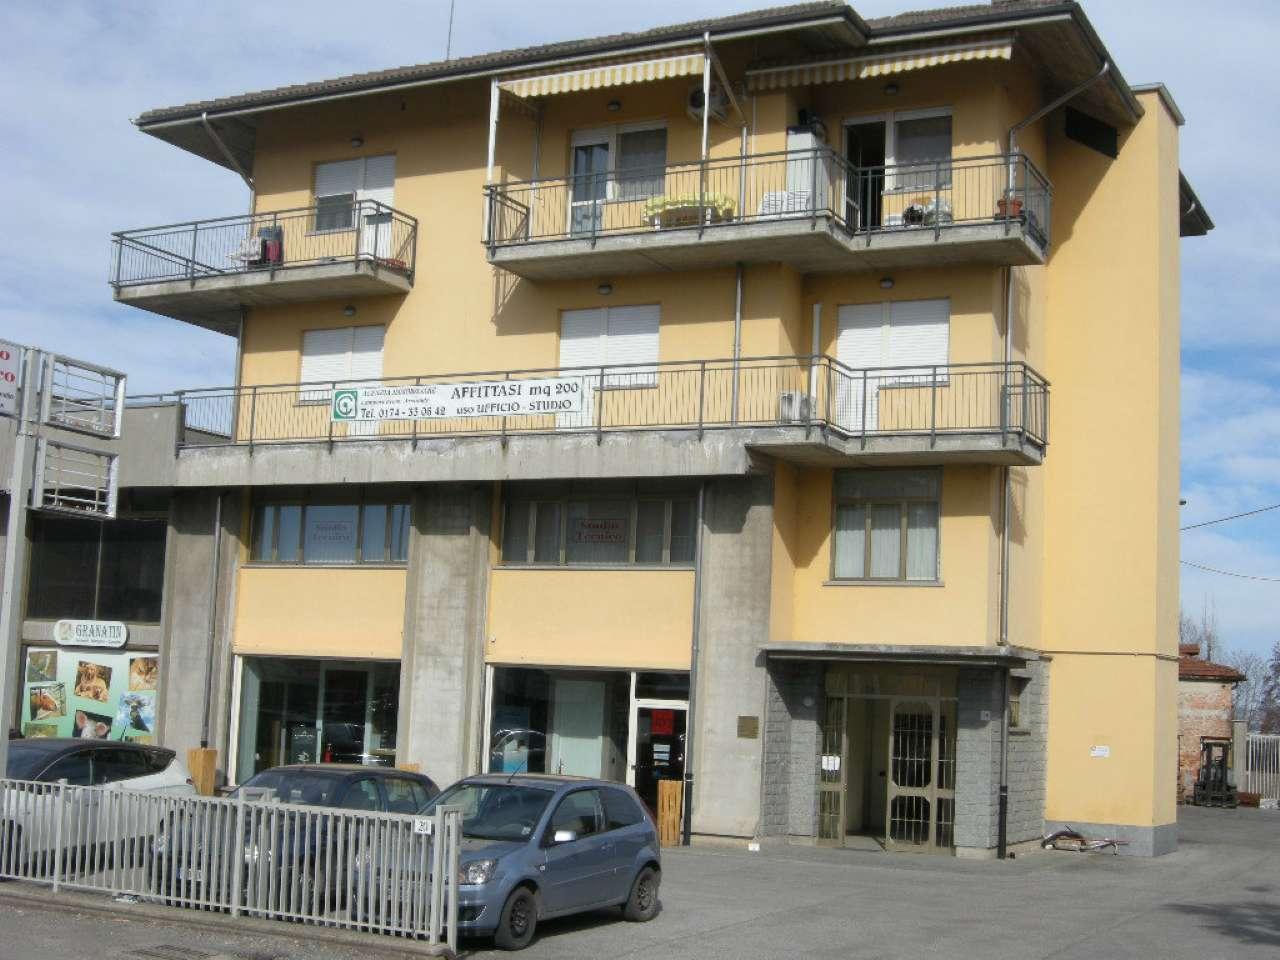 Ufficio / Studio in affitto a Mondovì, 11 locali, prezzo € 800 | CambioCasa.it